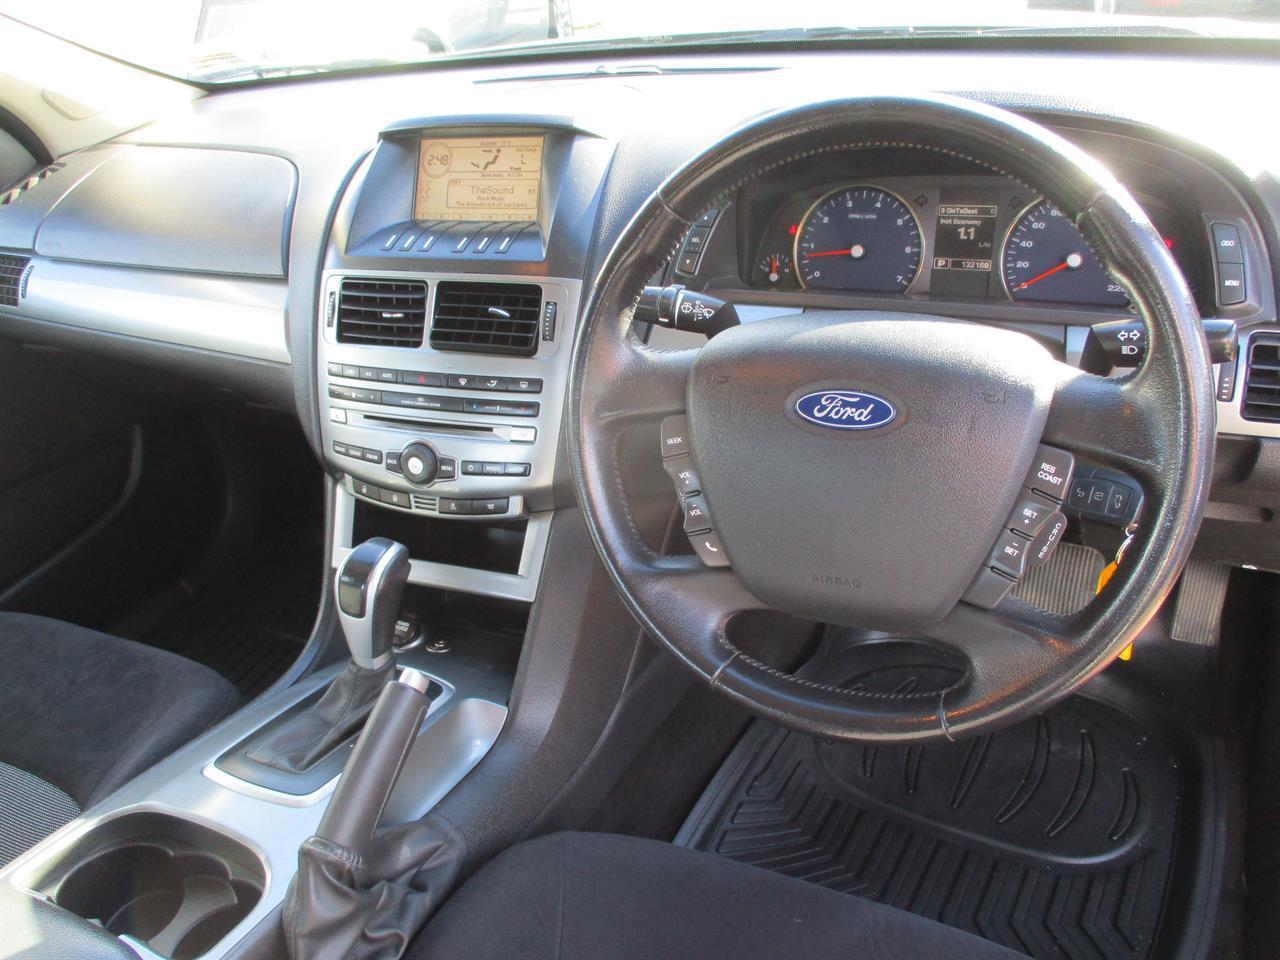 image-17, 2008 Ford Falcon FG G6 AUTO at Dunedin